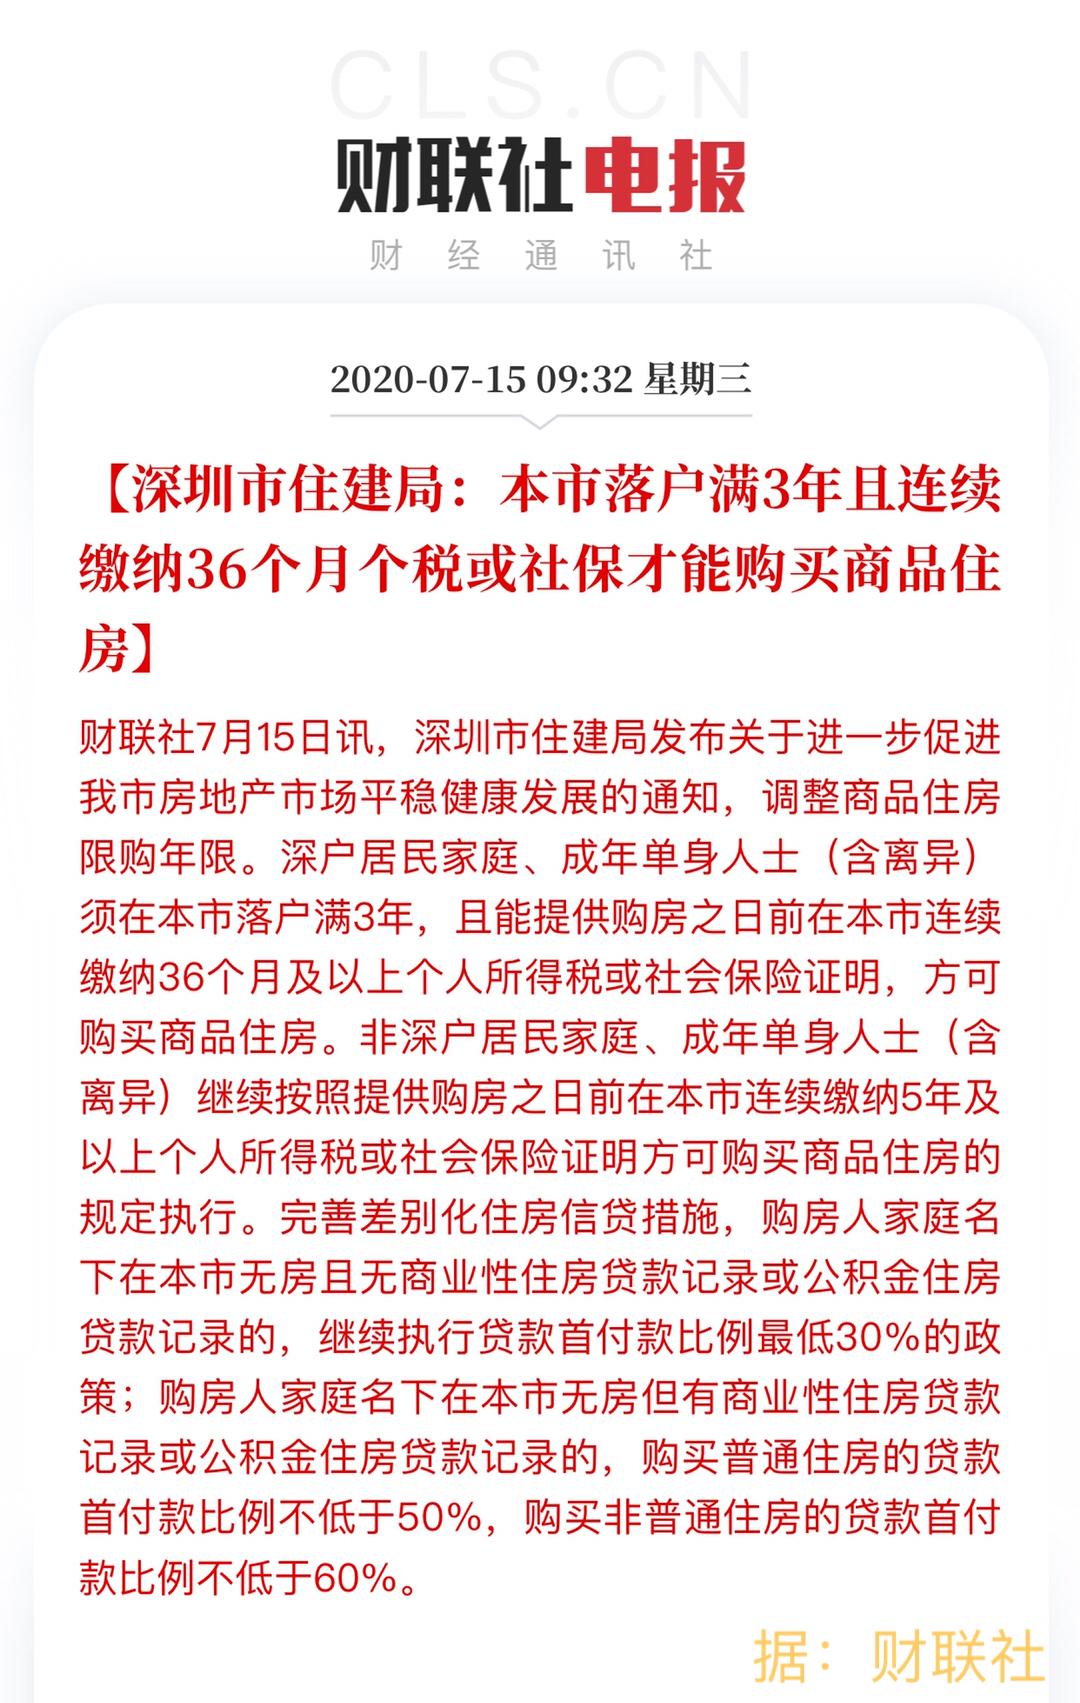 有一个背景,也就是一个星期前,深圳住建部门赴长沙住建部学习交流